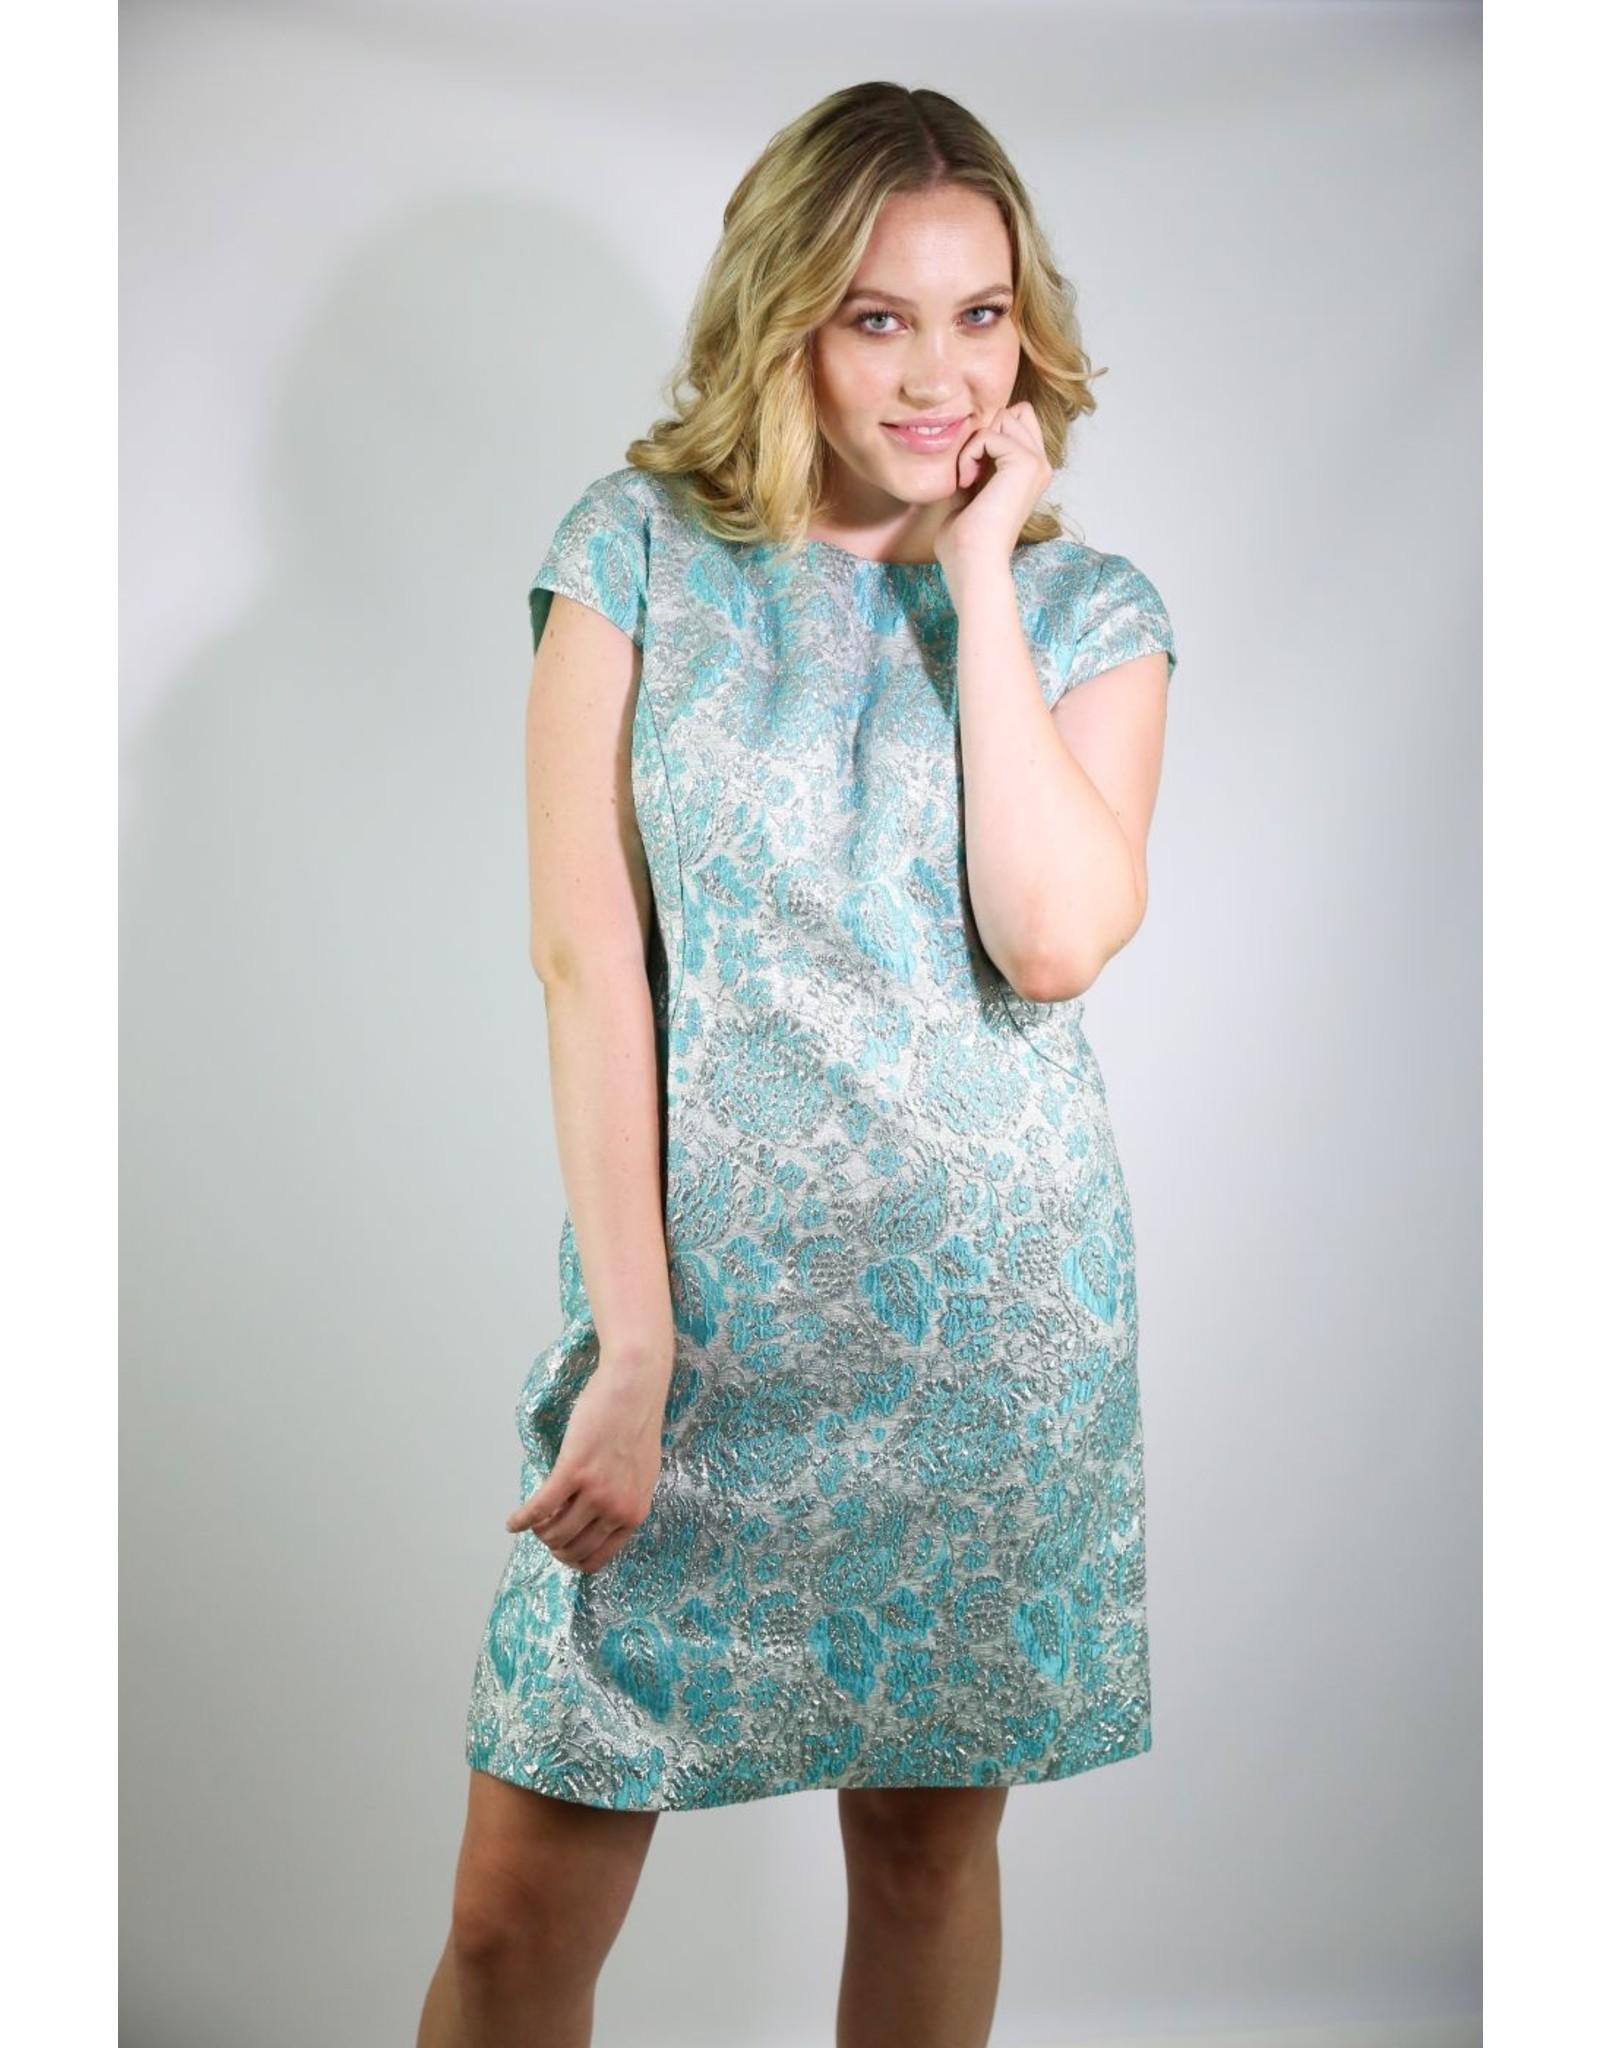 1960's Plus Size Silver & Blue Party Dress